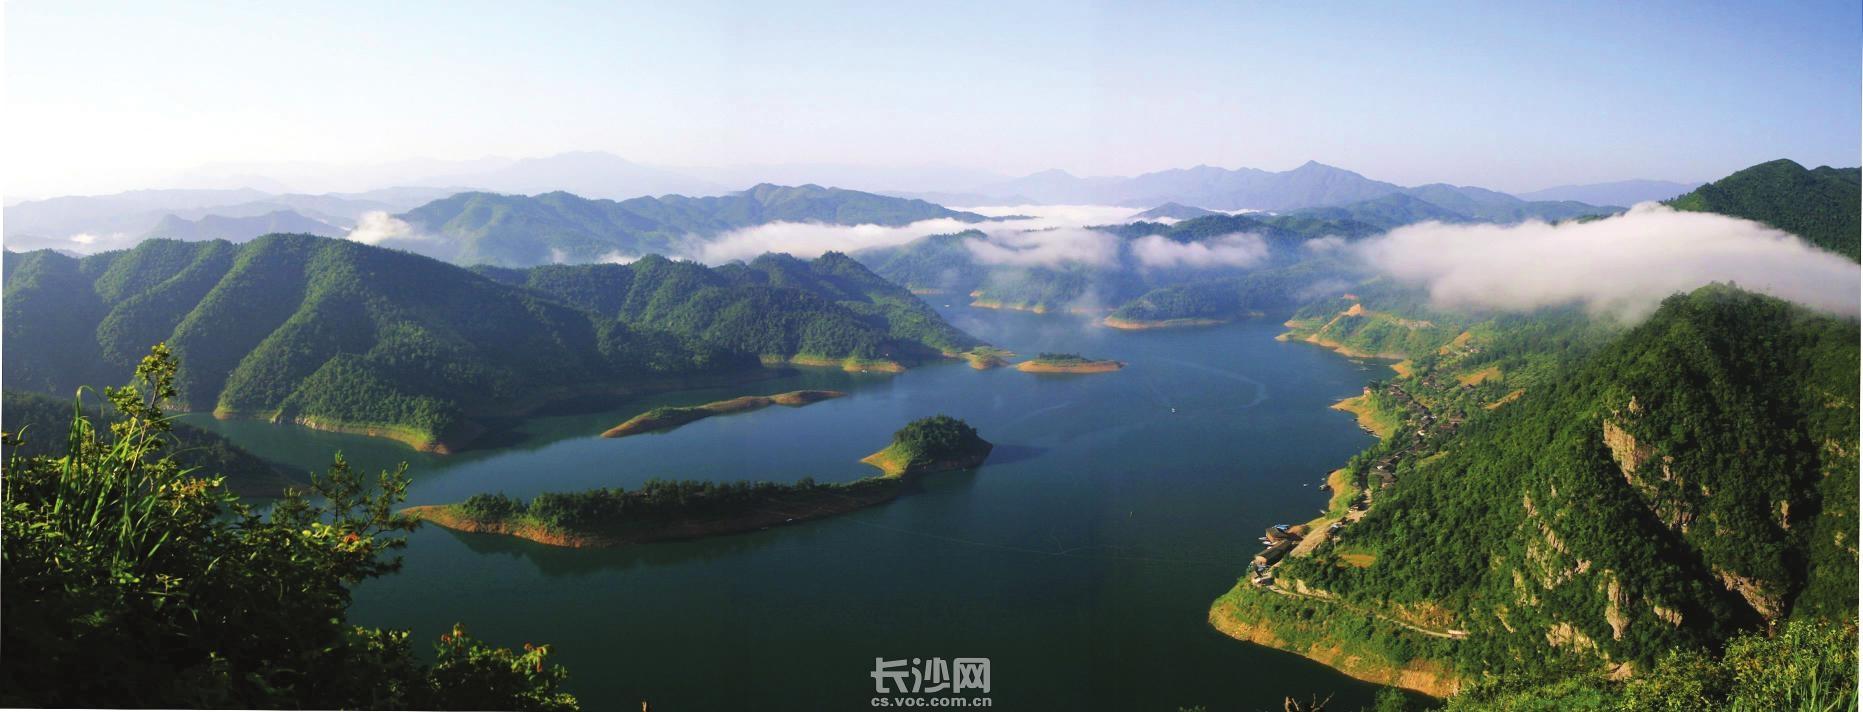 城步县是国家级重点风景名胜区.